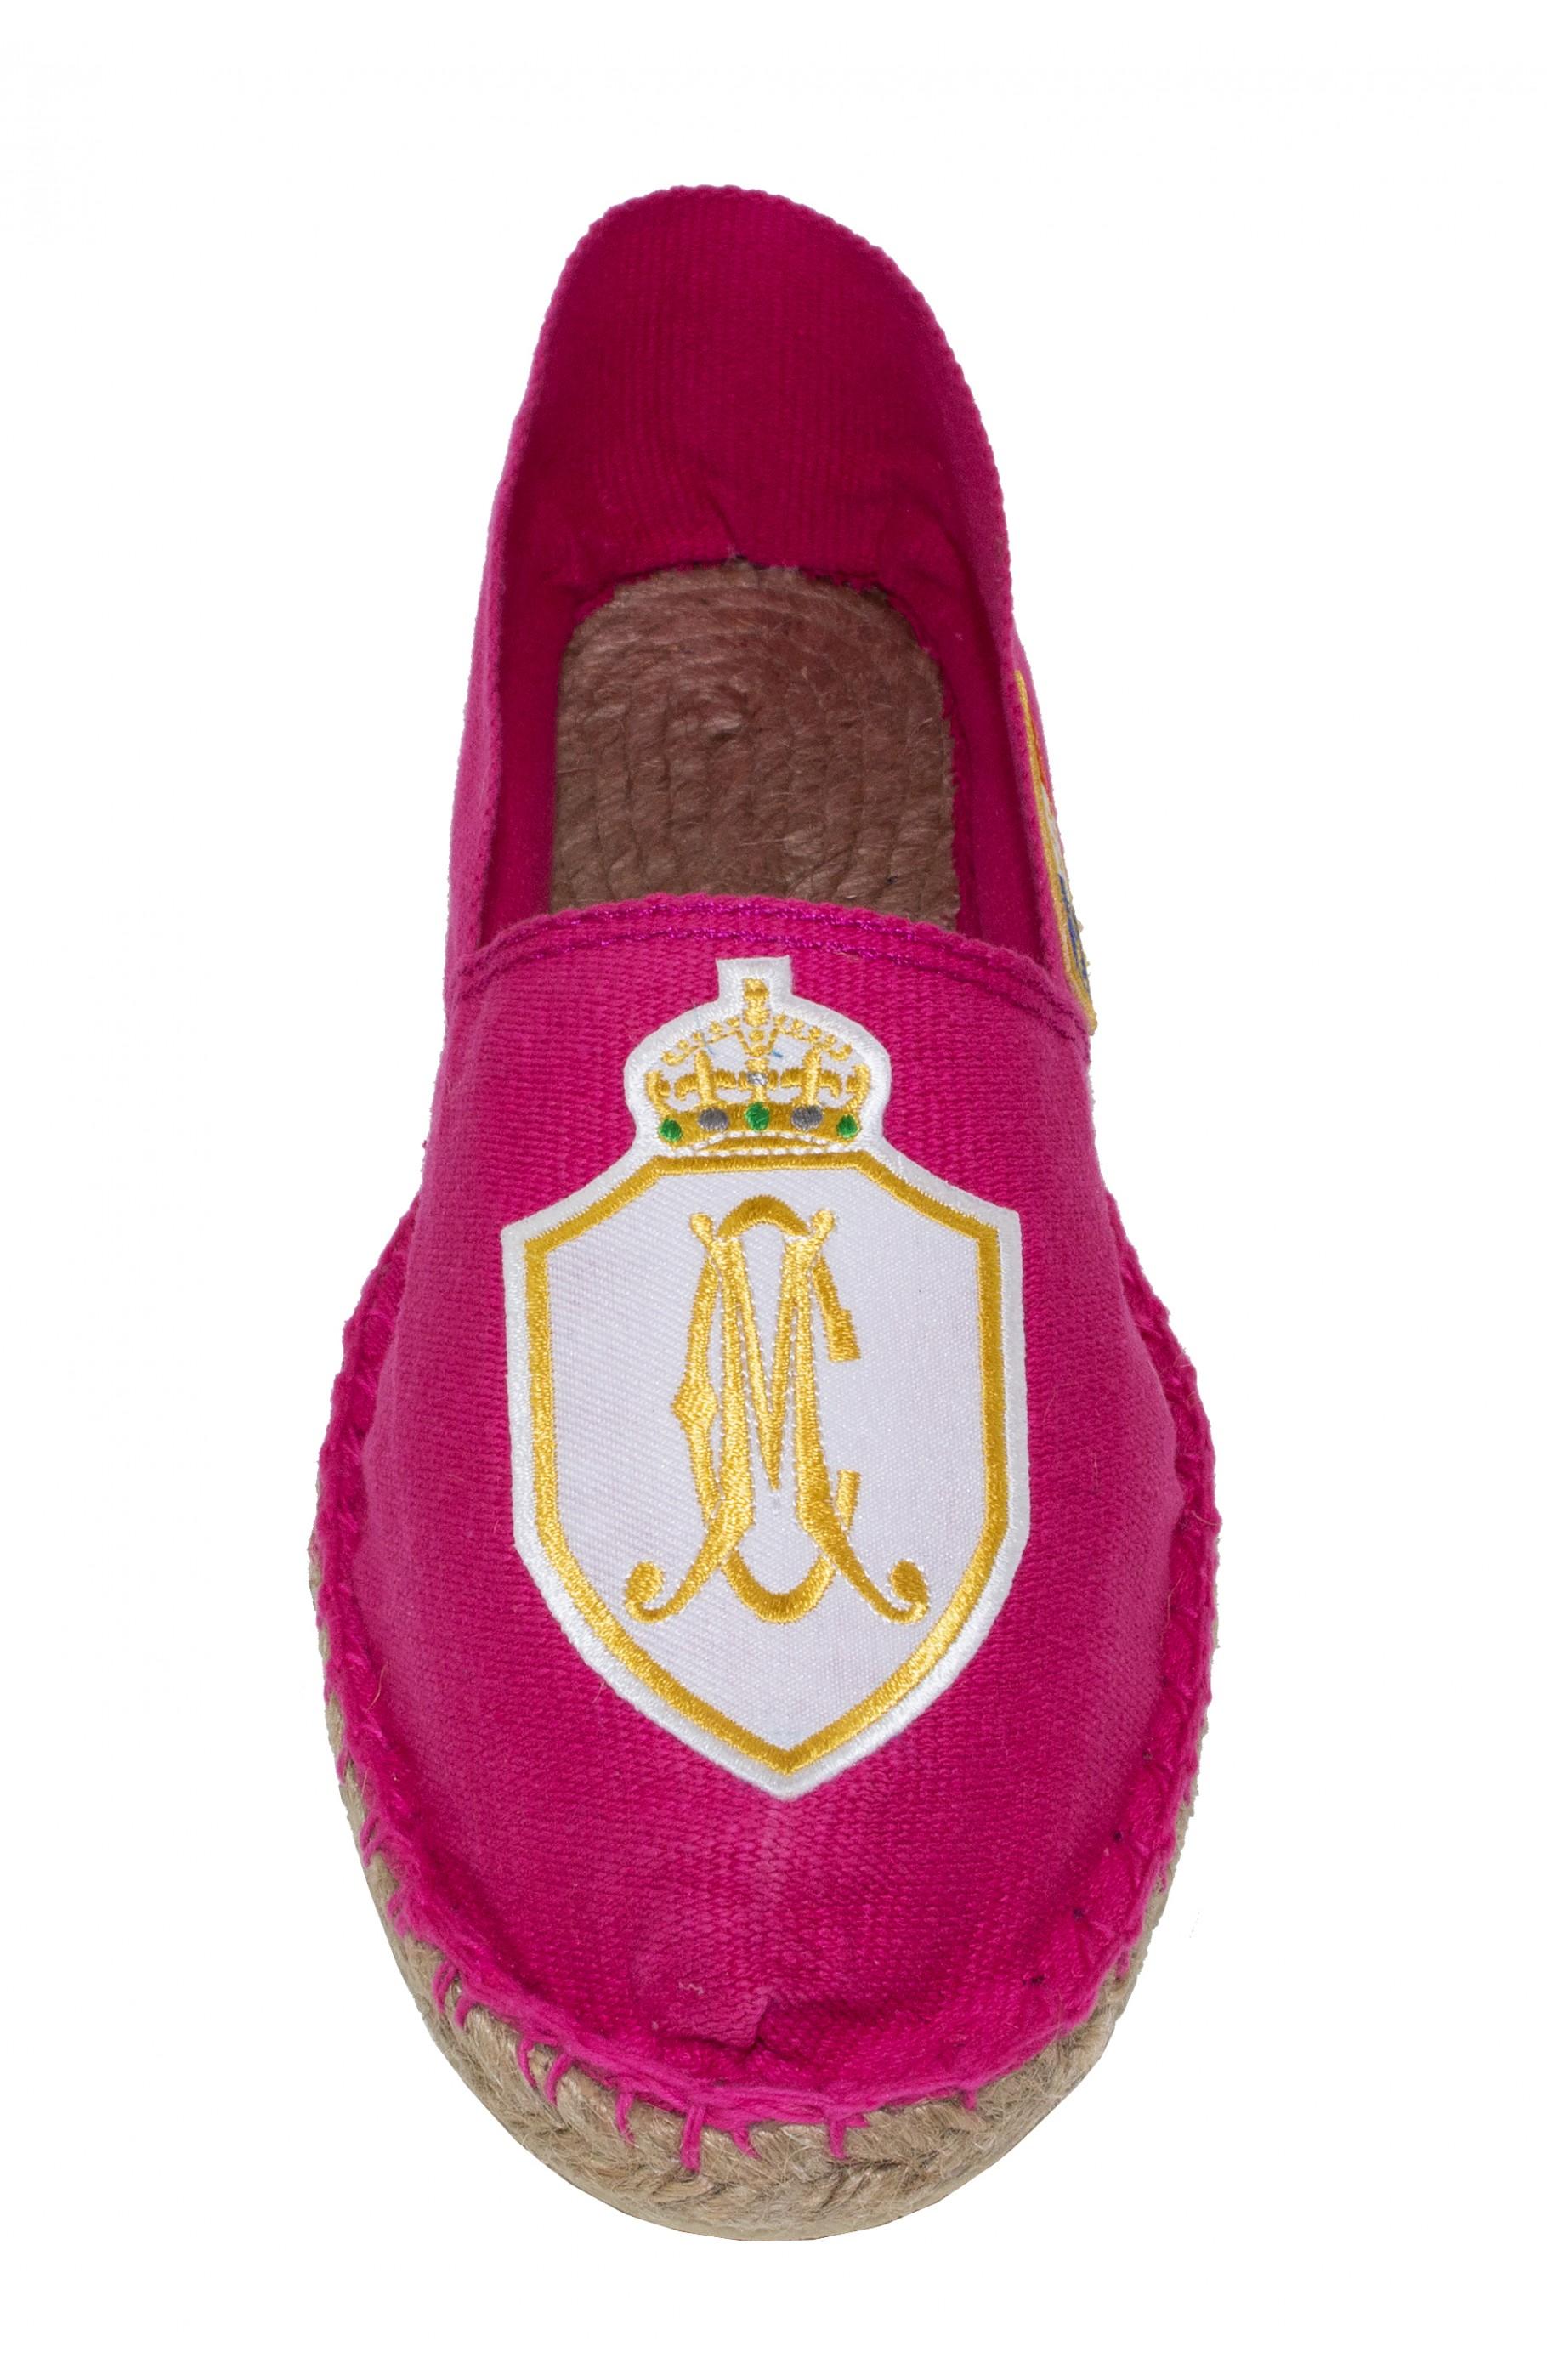 Majesté Couture Paris: MAJESTÉ\'S GRANADINA ESPADRILLES | Shoes,Shoes > Espadrilles -  Hiphunters Shop